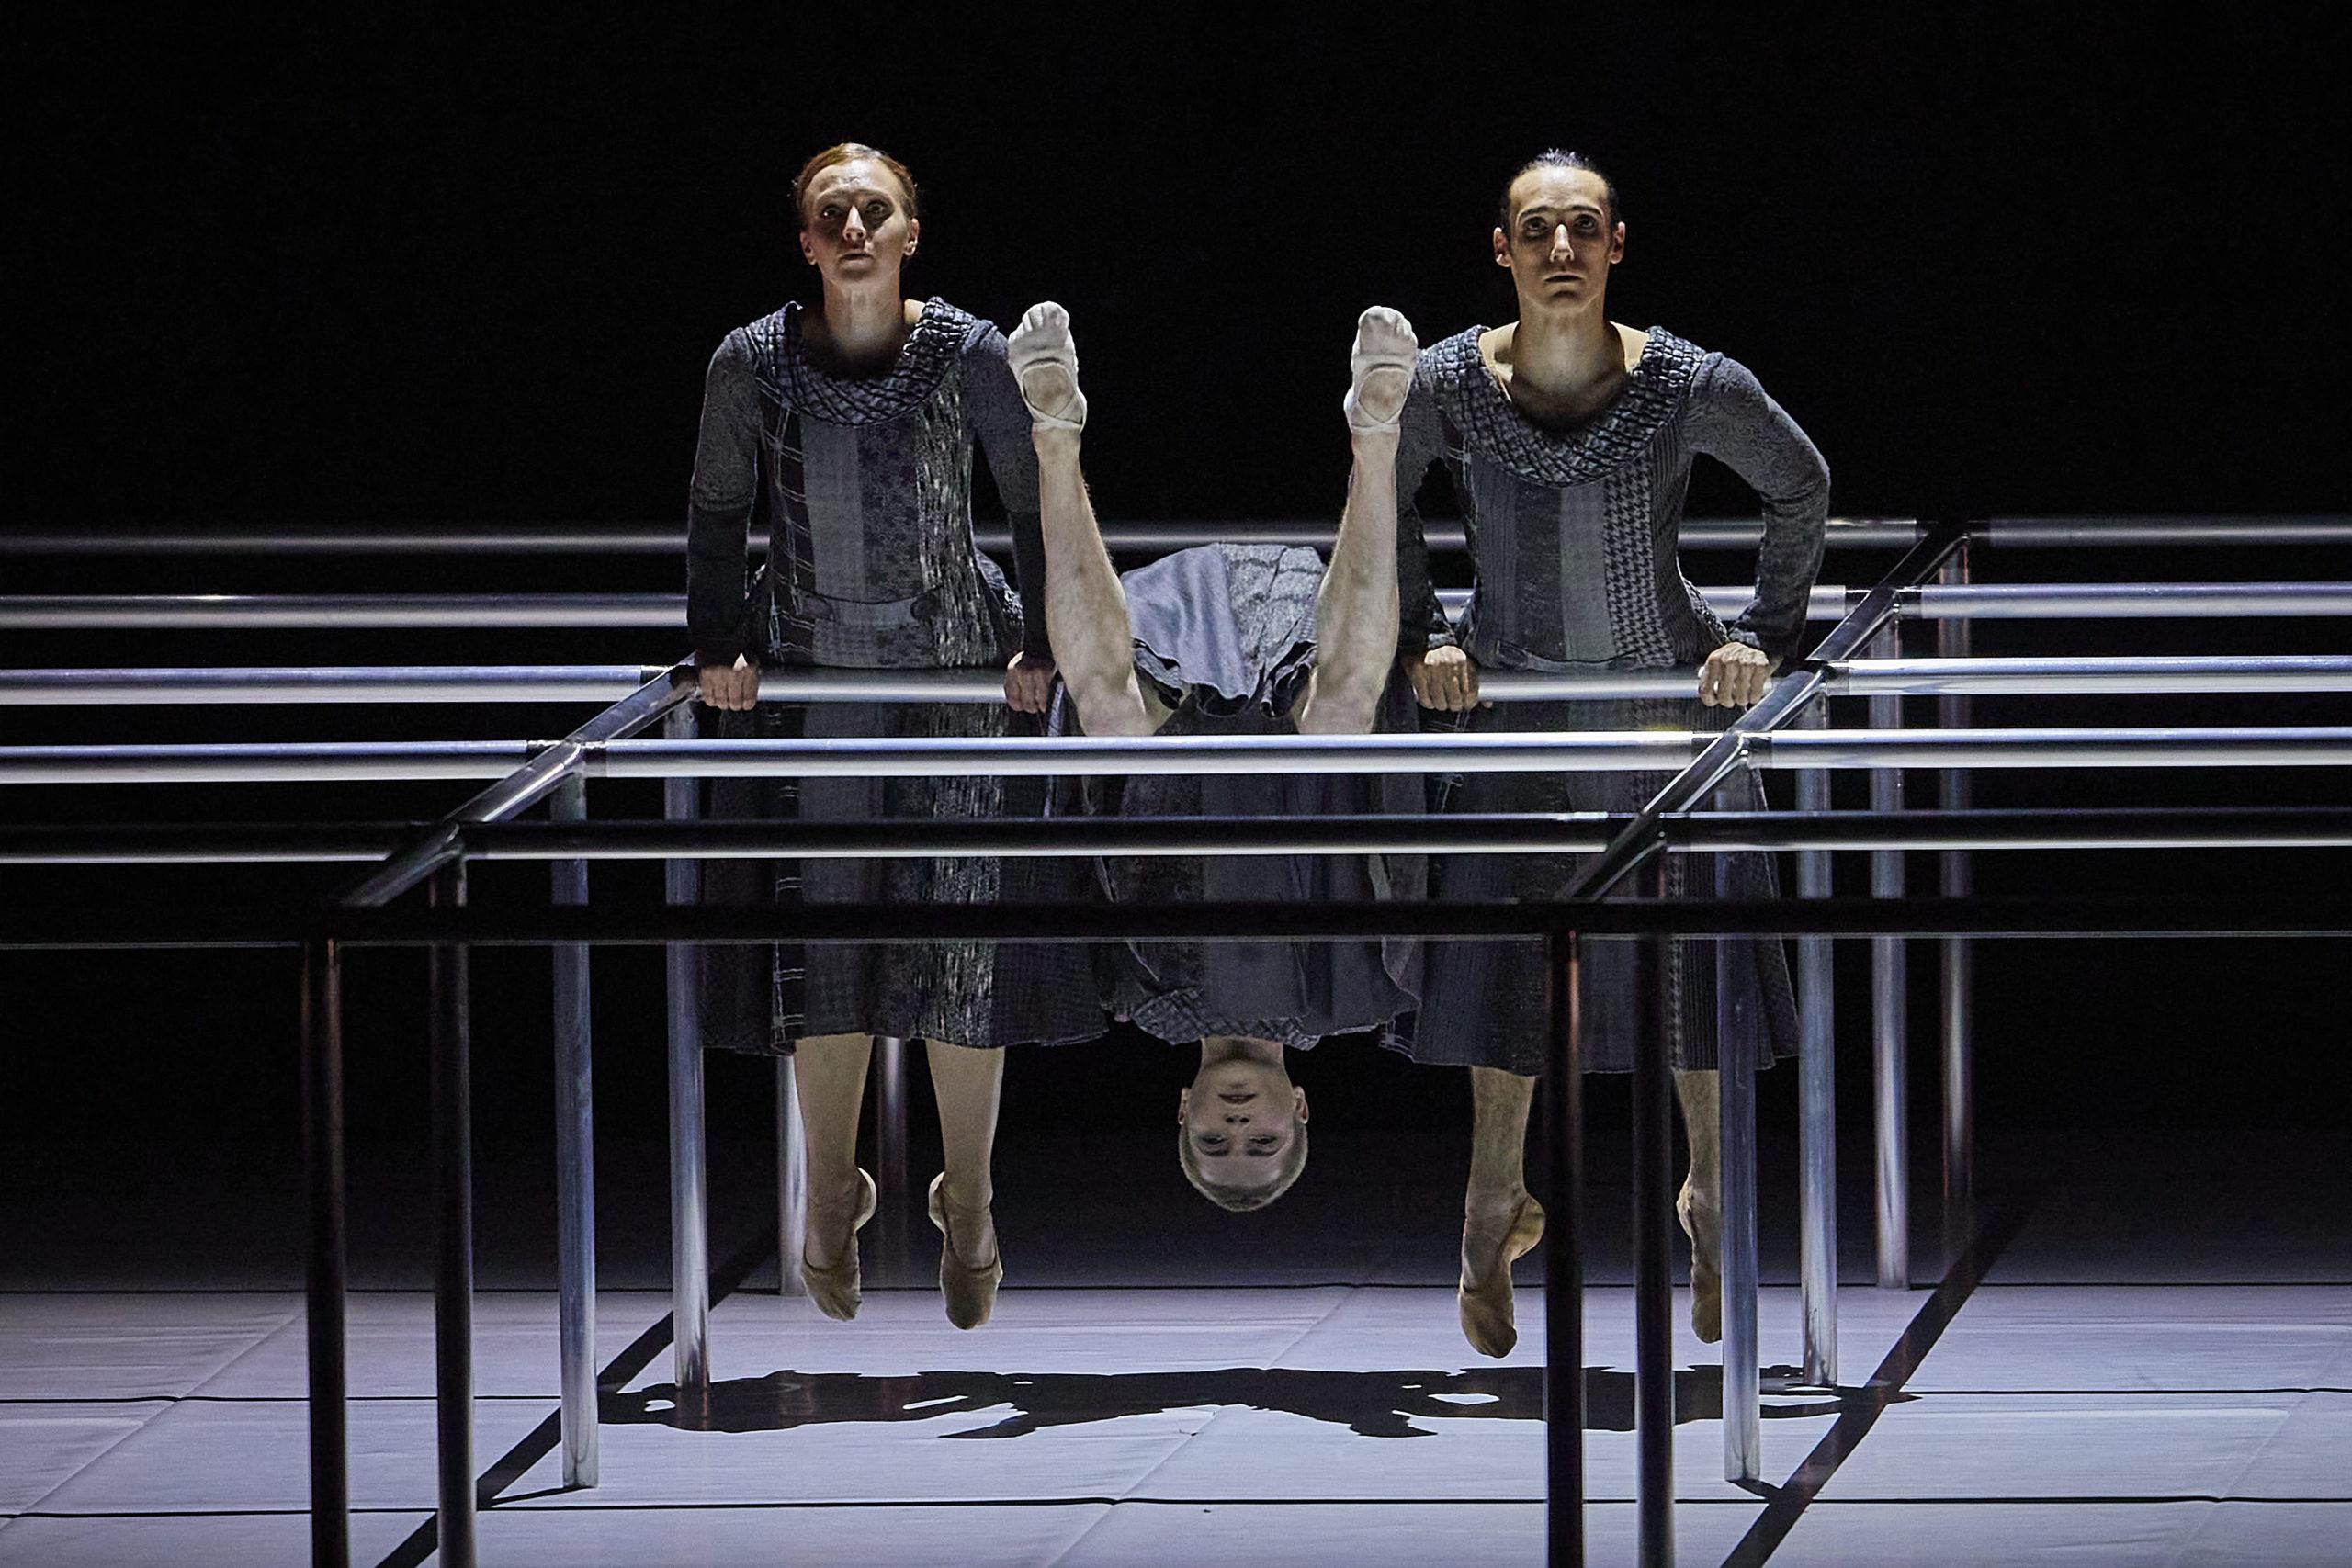 La Pastorale del Malandain Ballet Biarritz, Teatro del Generalife© Festival de Granada | Fermín Rodríguez